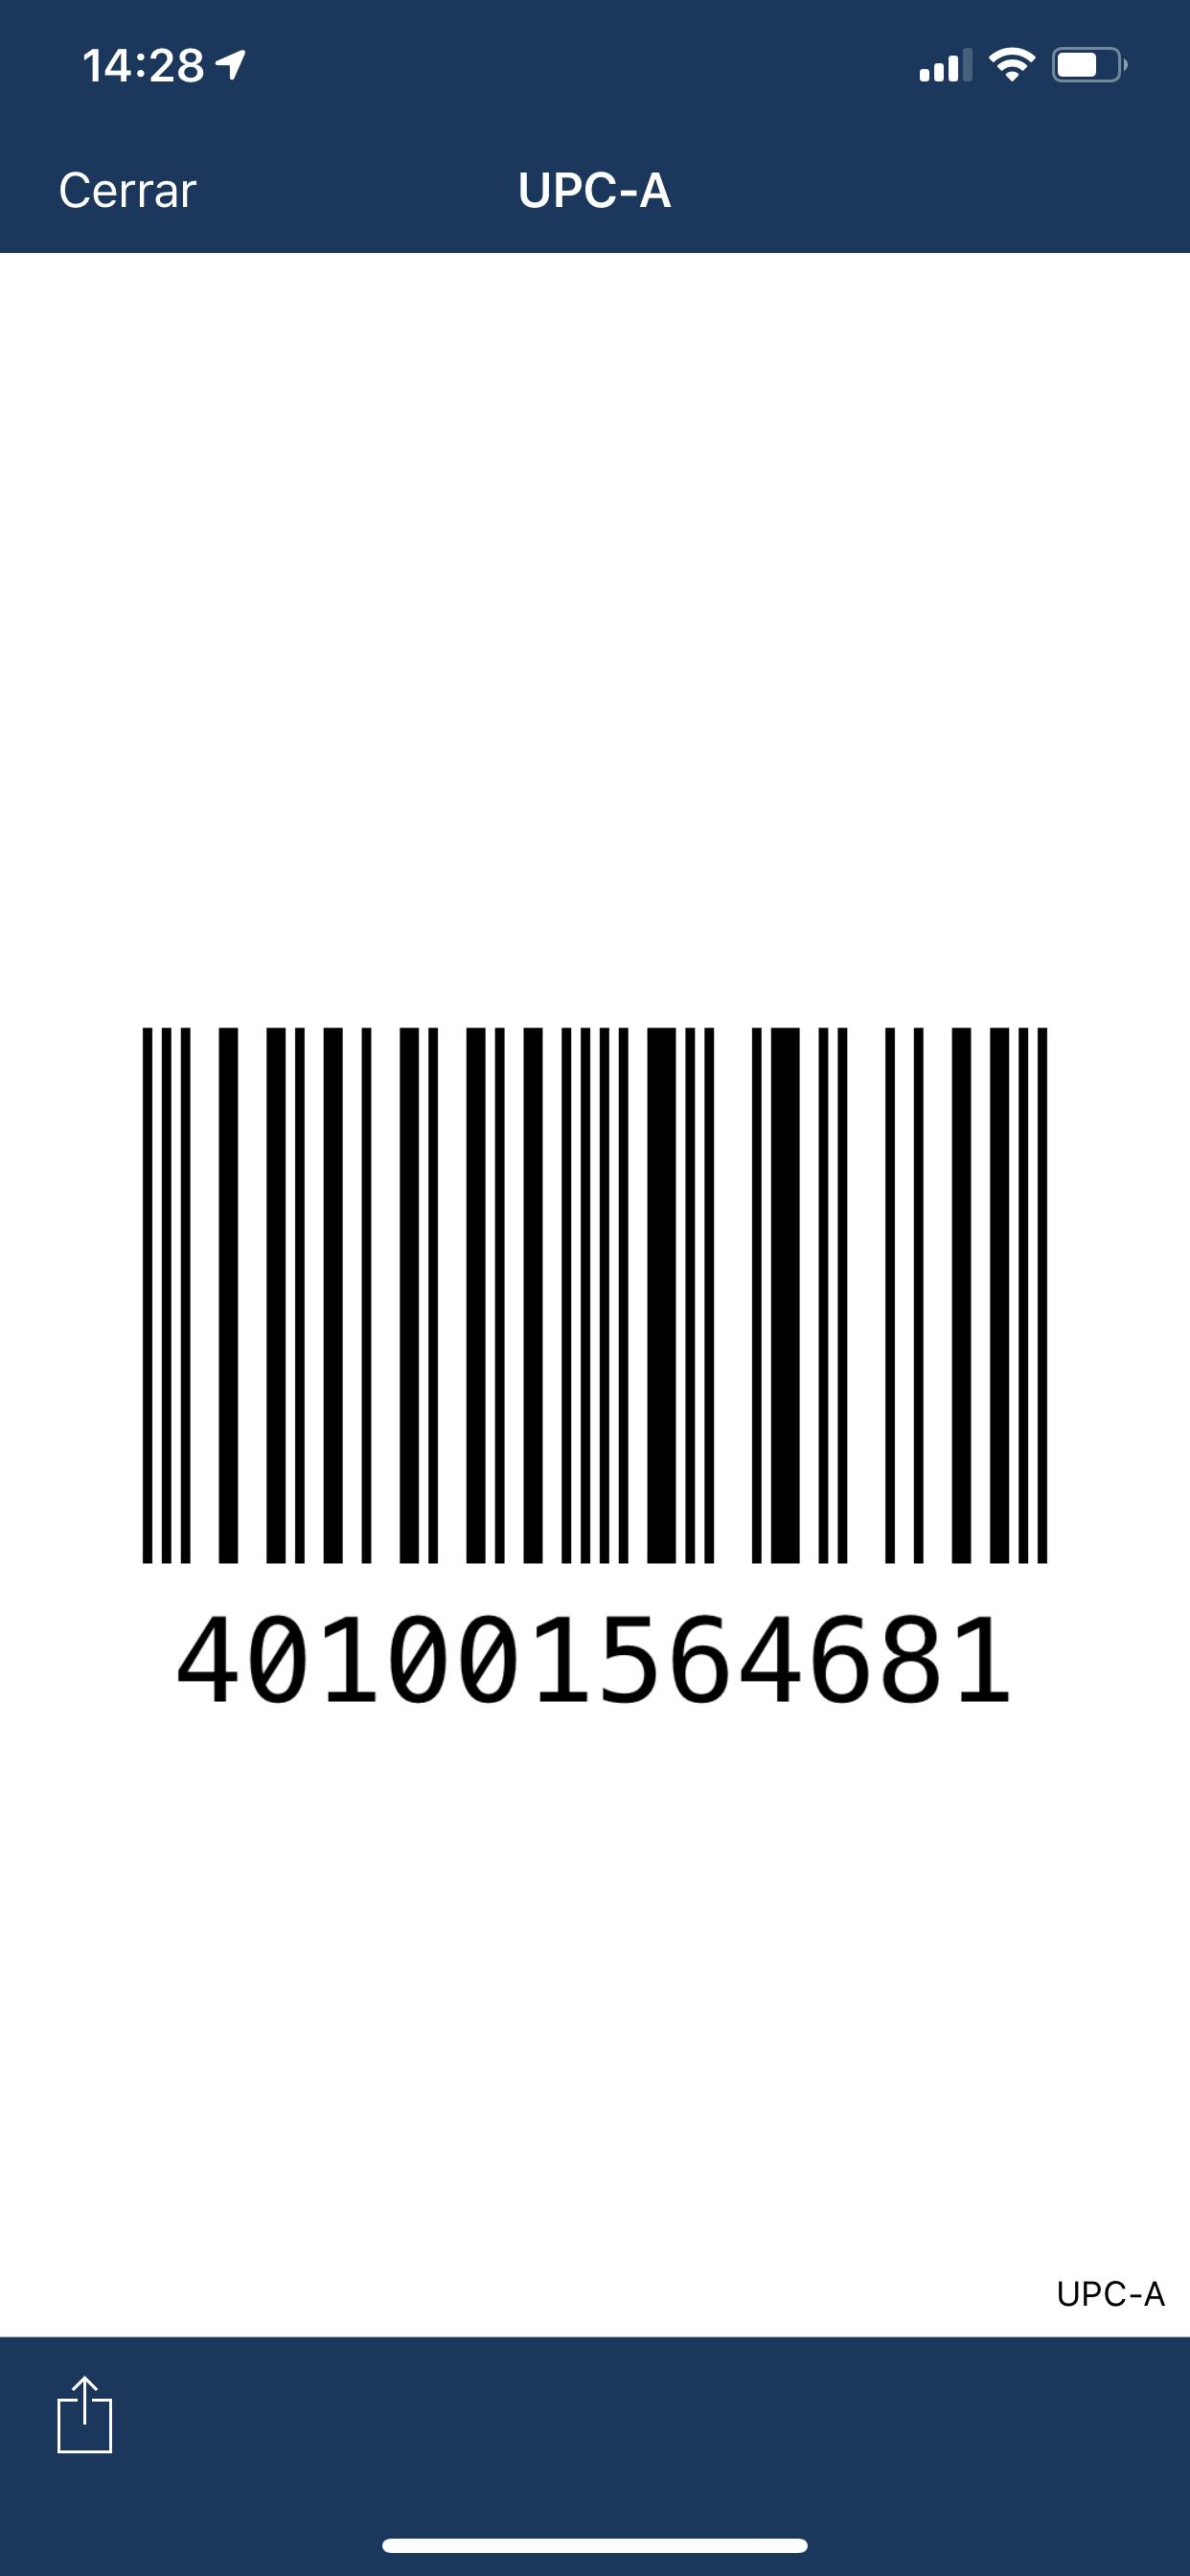 317796.jpg